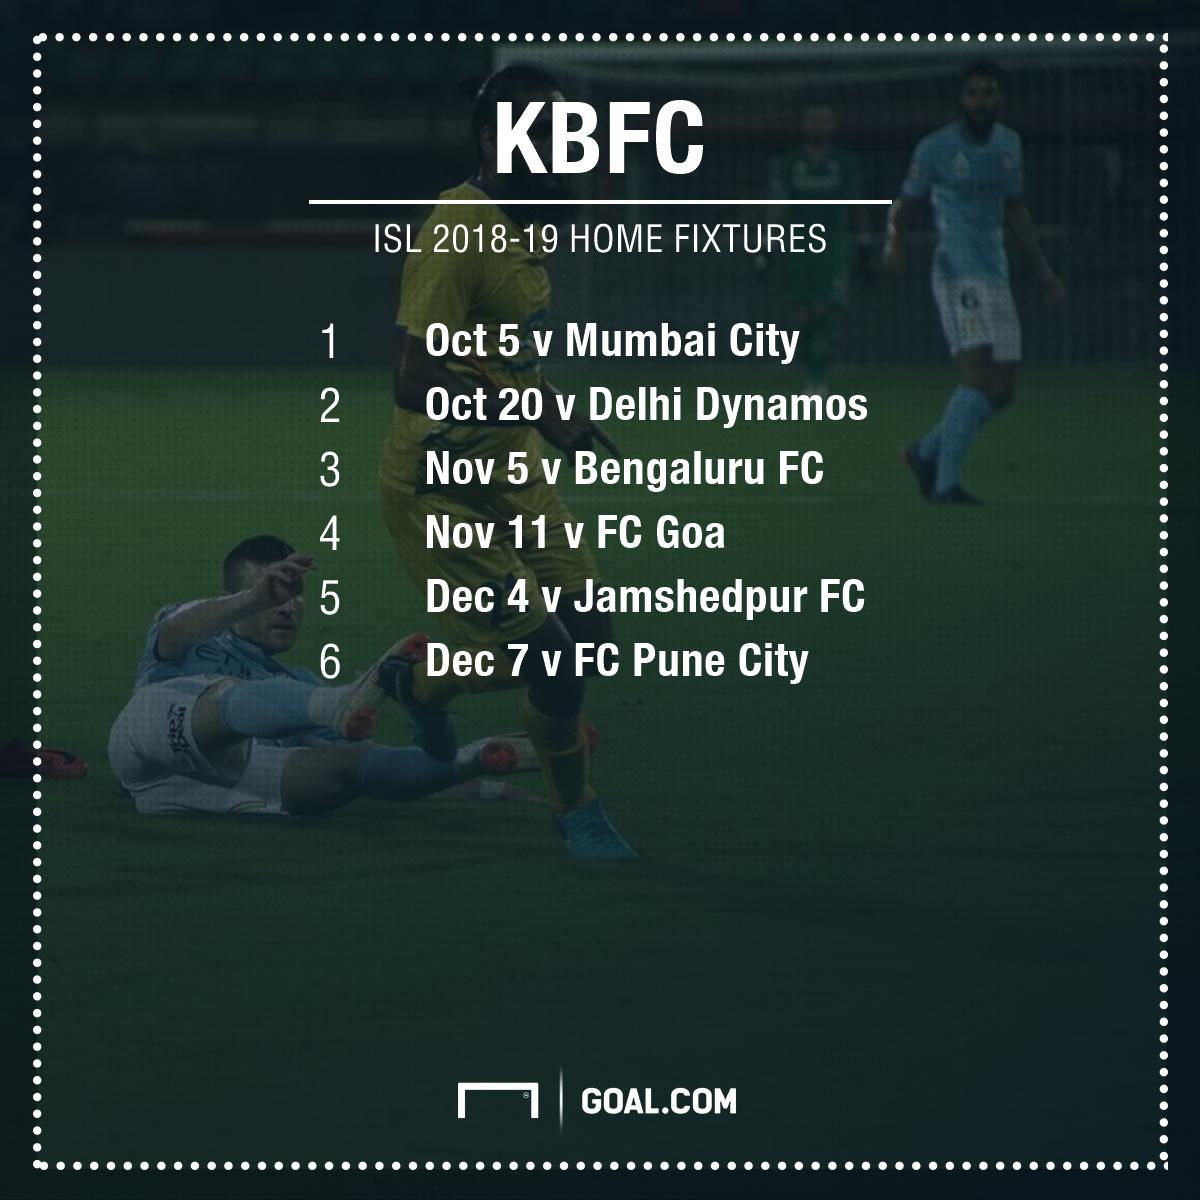 ISL 2018-19 KBFC Home